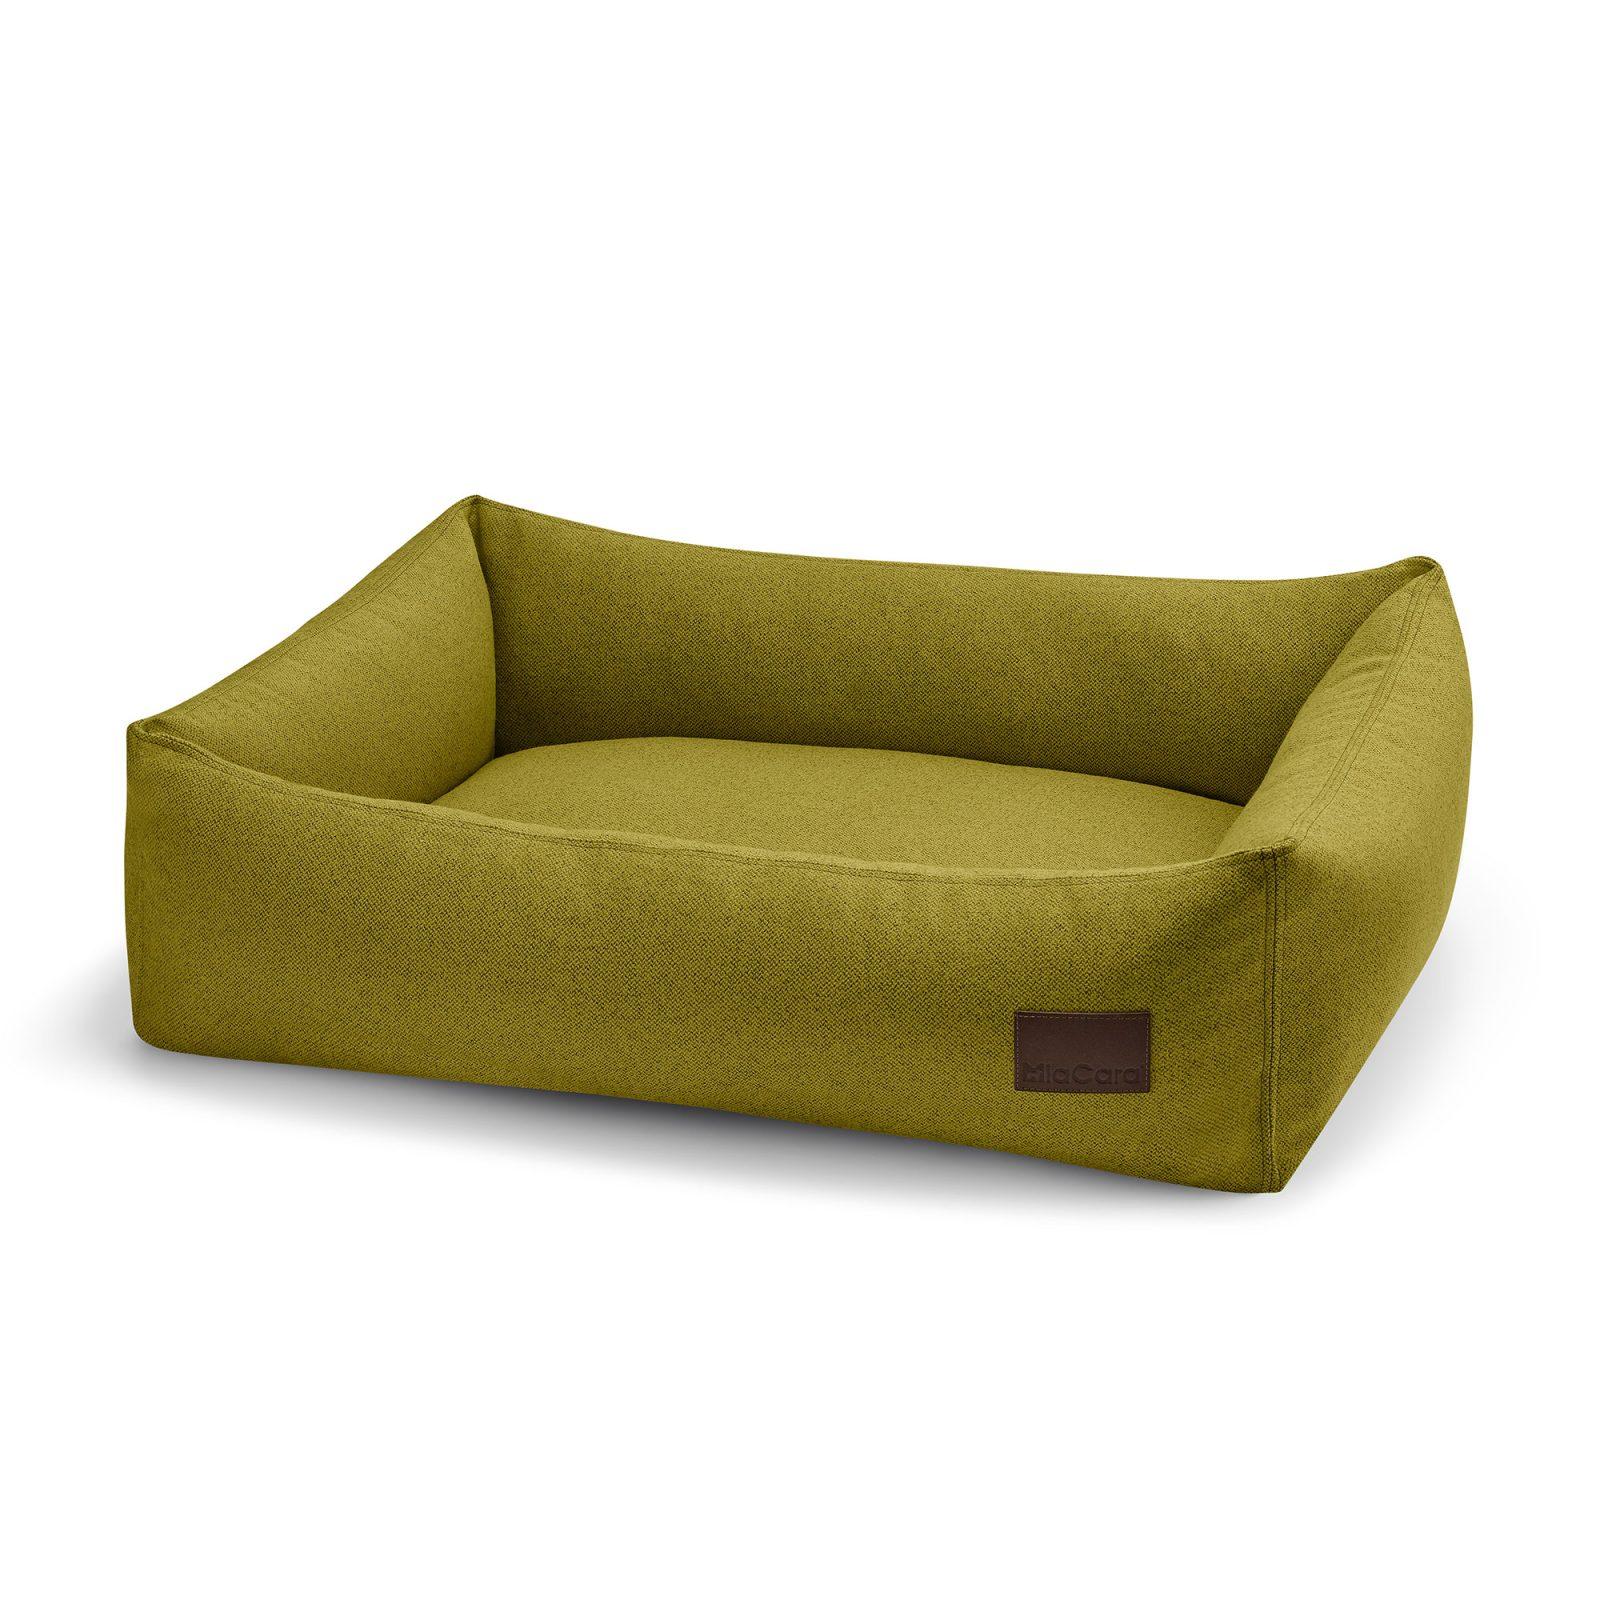 divo-box-dog-bed-mustard-2